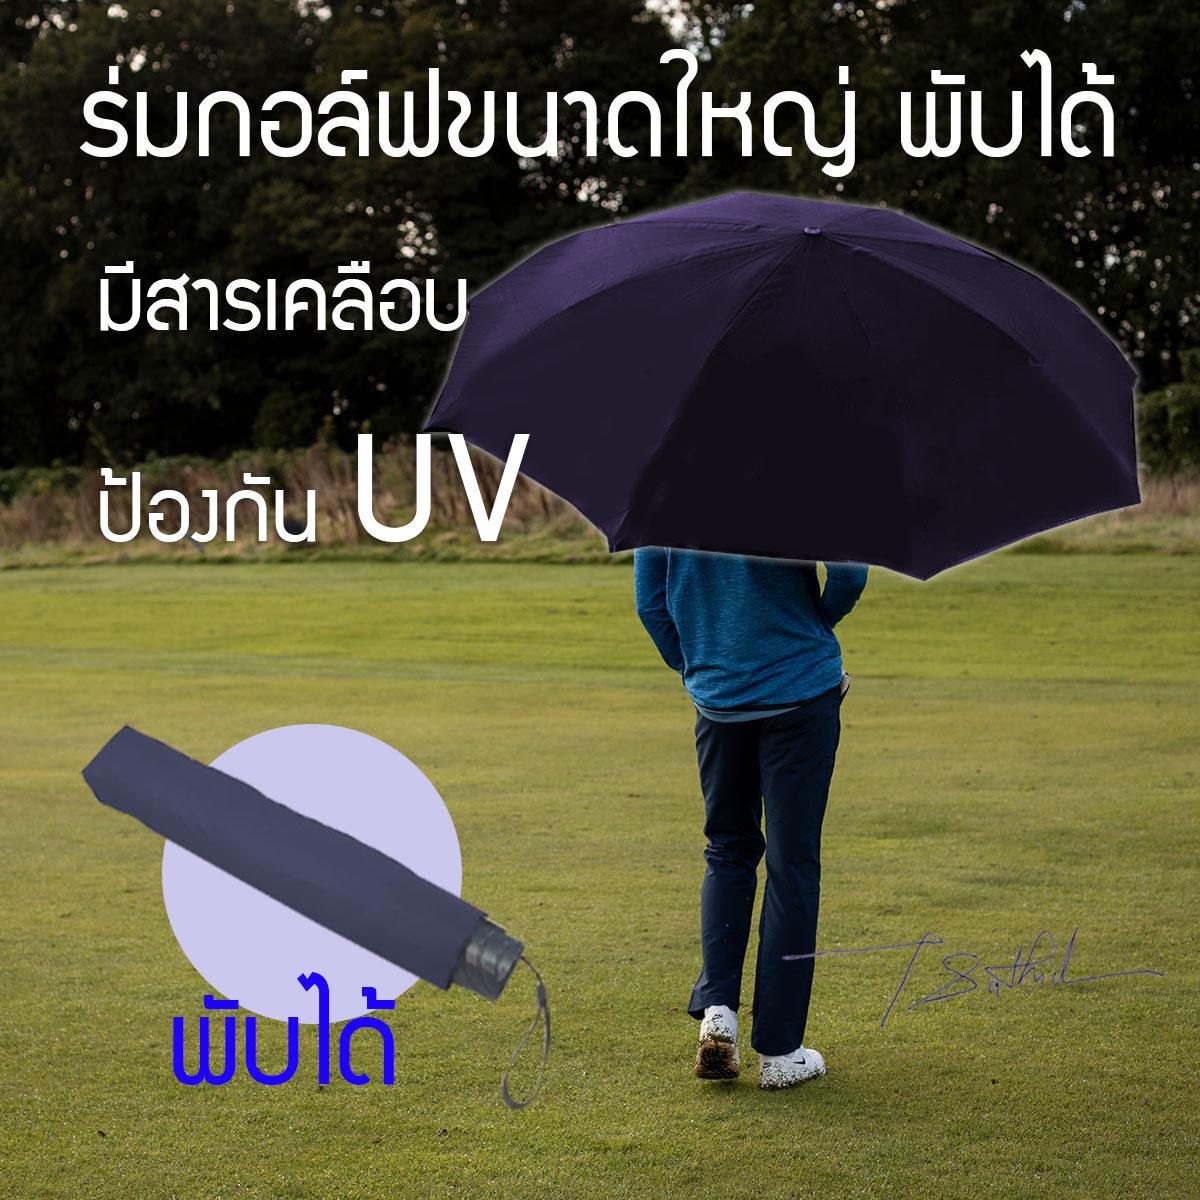 ร่มกอล์ฟพับได้ ป้องกันแสง Uv กันแดด กันฝน ร่มพับ ร่มใหญ่ ร่มยักษ์ ร่มกอล์ฟ.